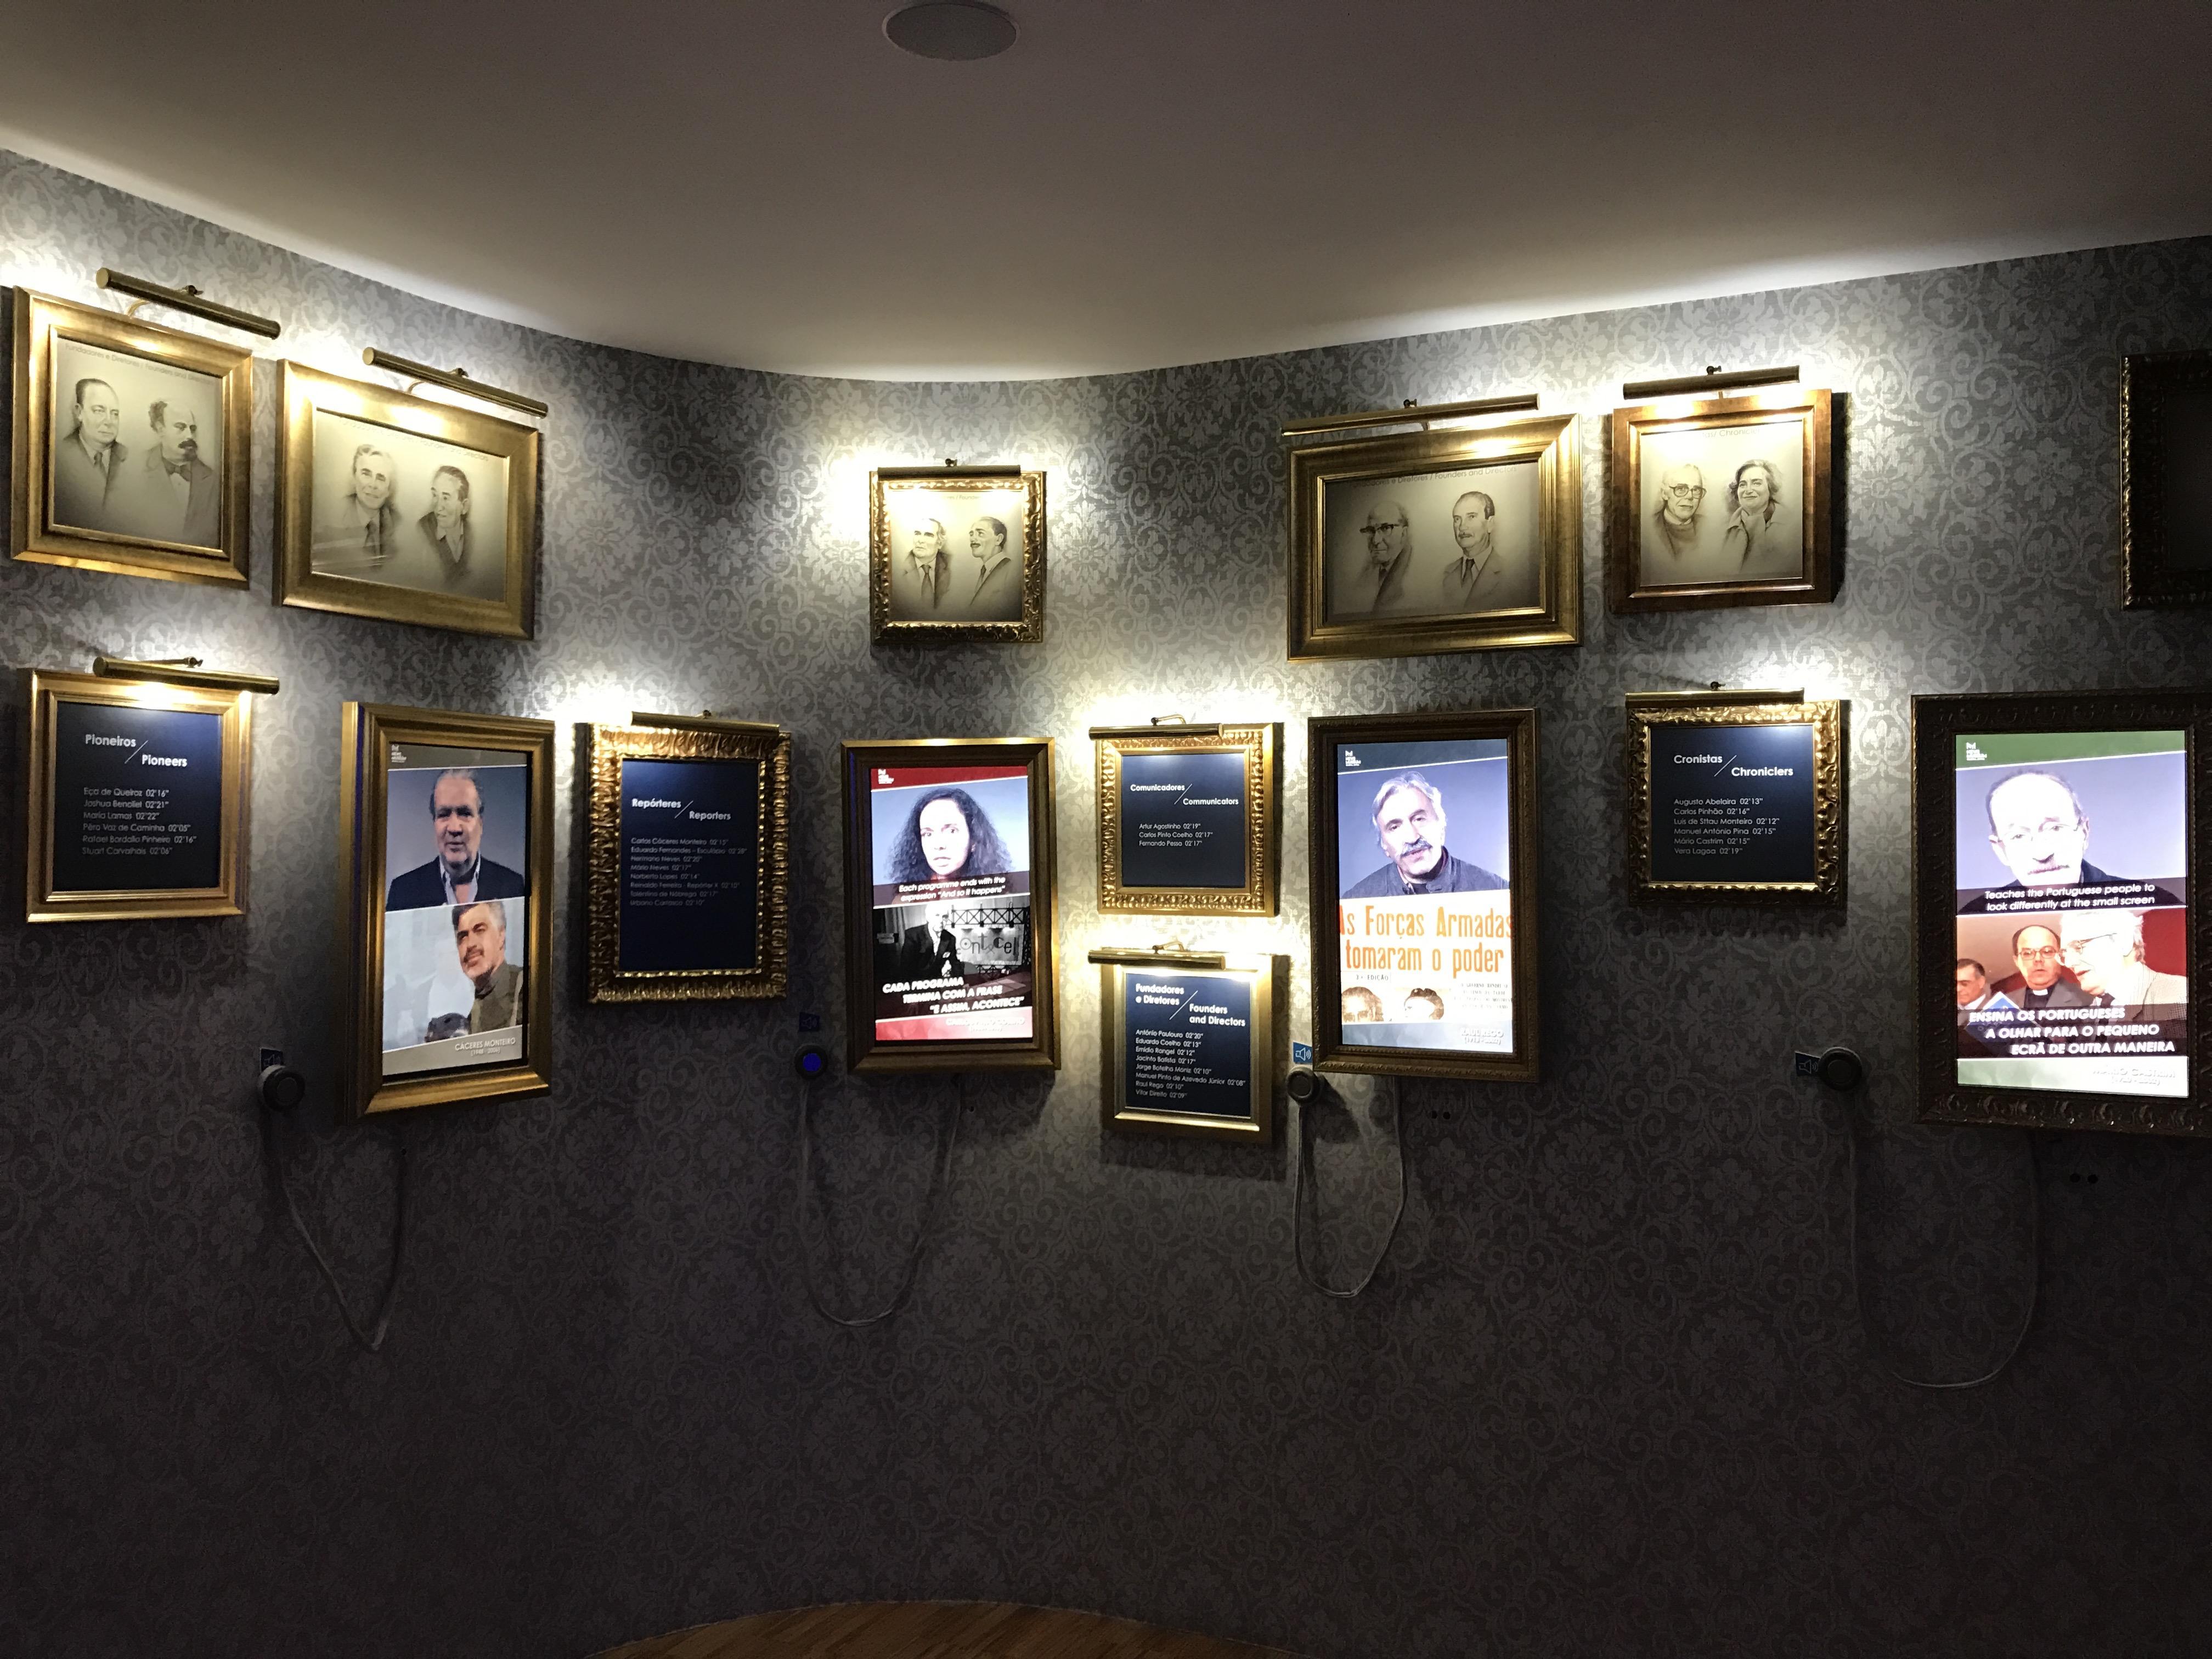 Sala dos Imortais, Museu da Notícias, Sintra